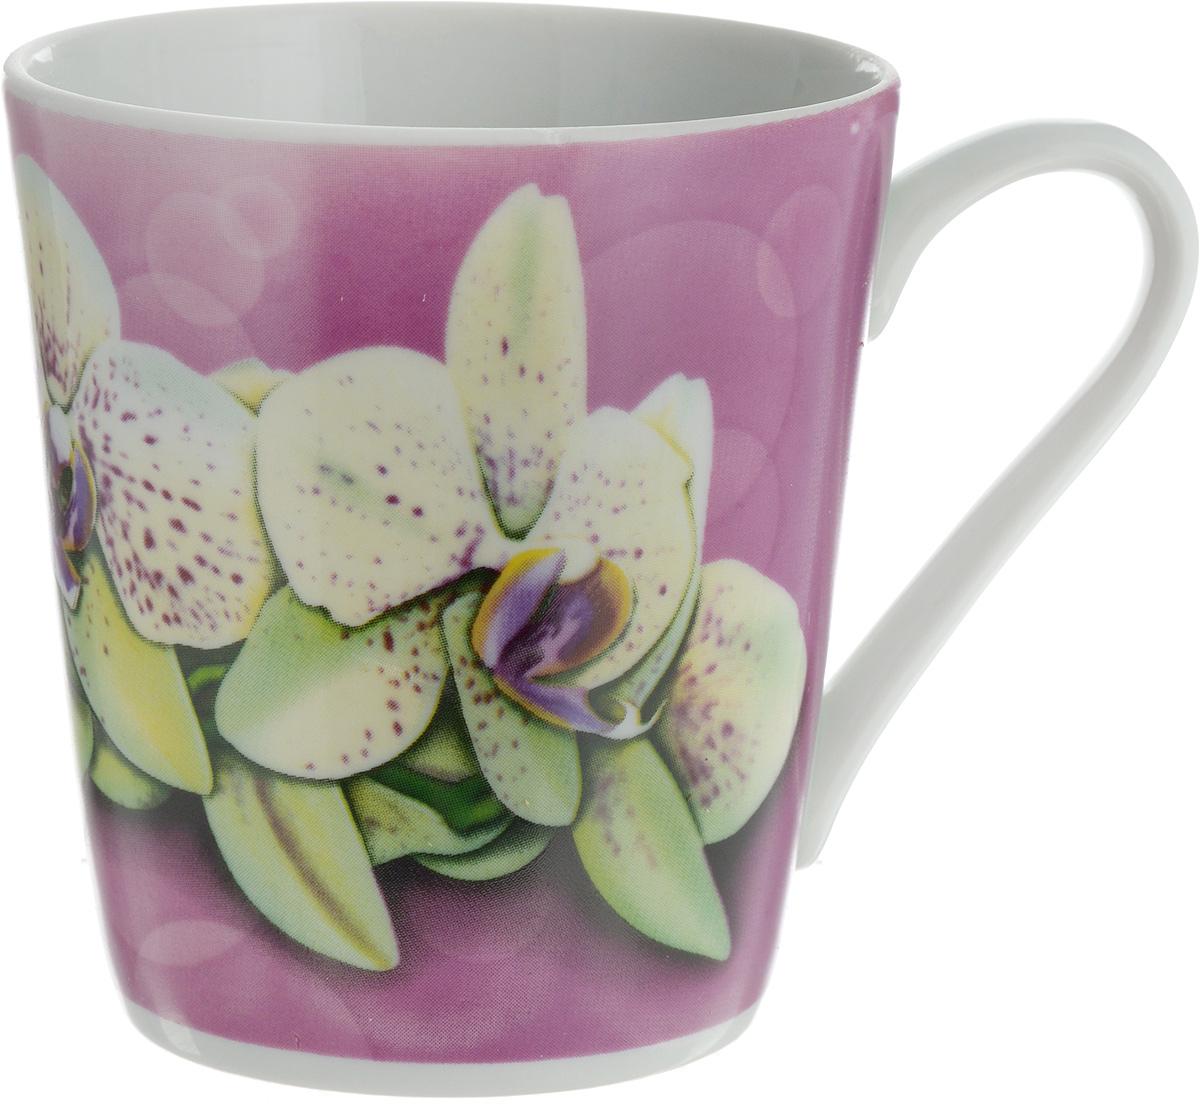 Кружка Классик. Орхидея, цвет: сиреневый, белый, 300 мл кружка классик кошки 300 мл